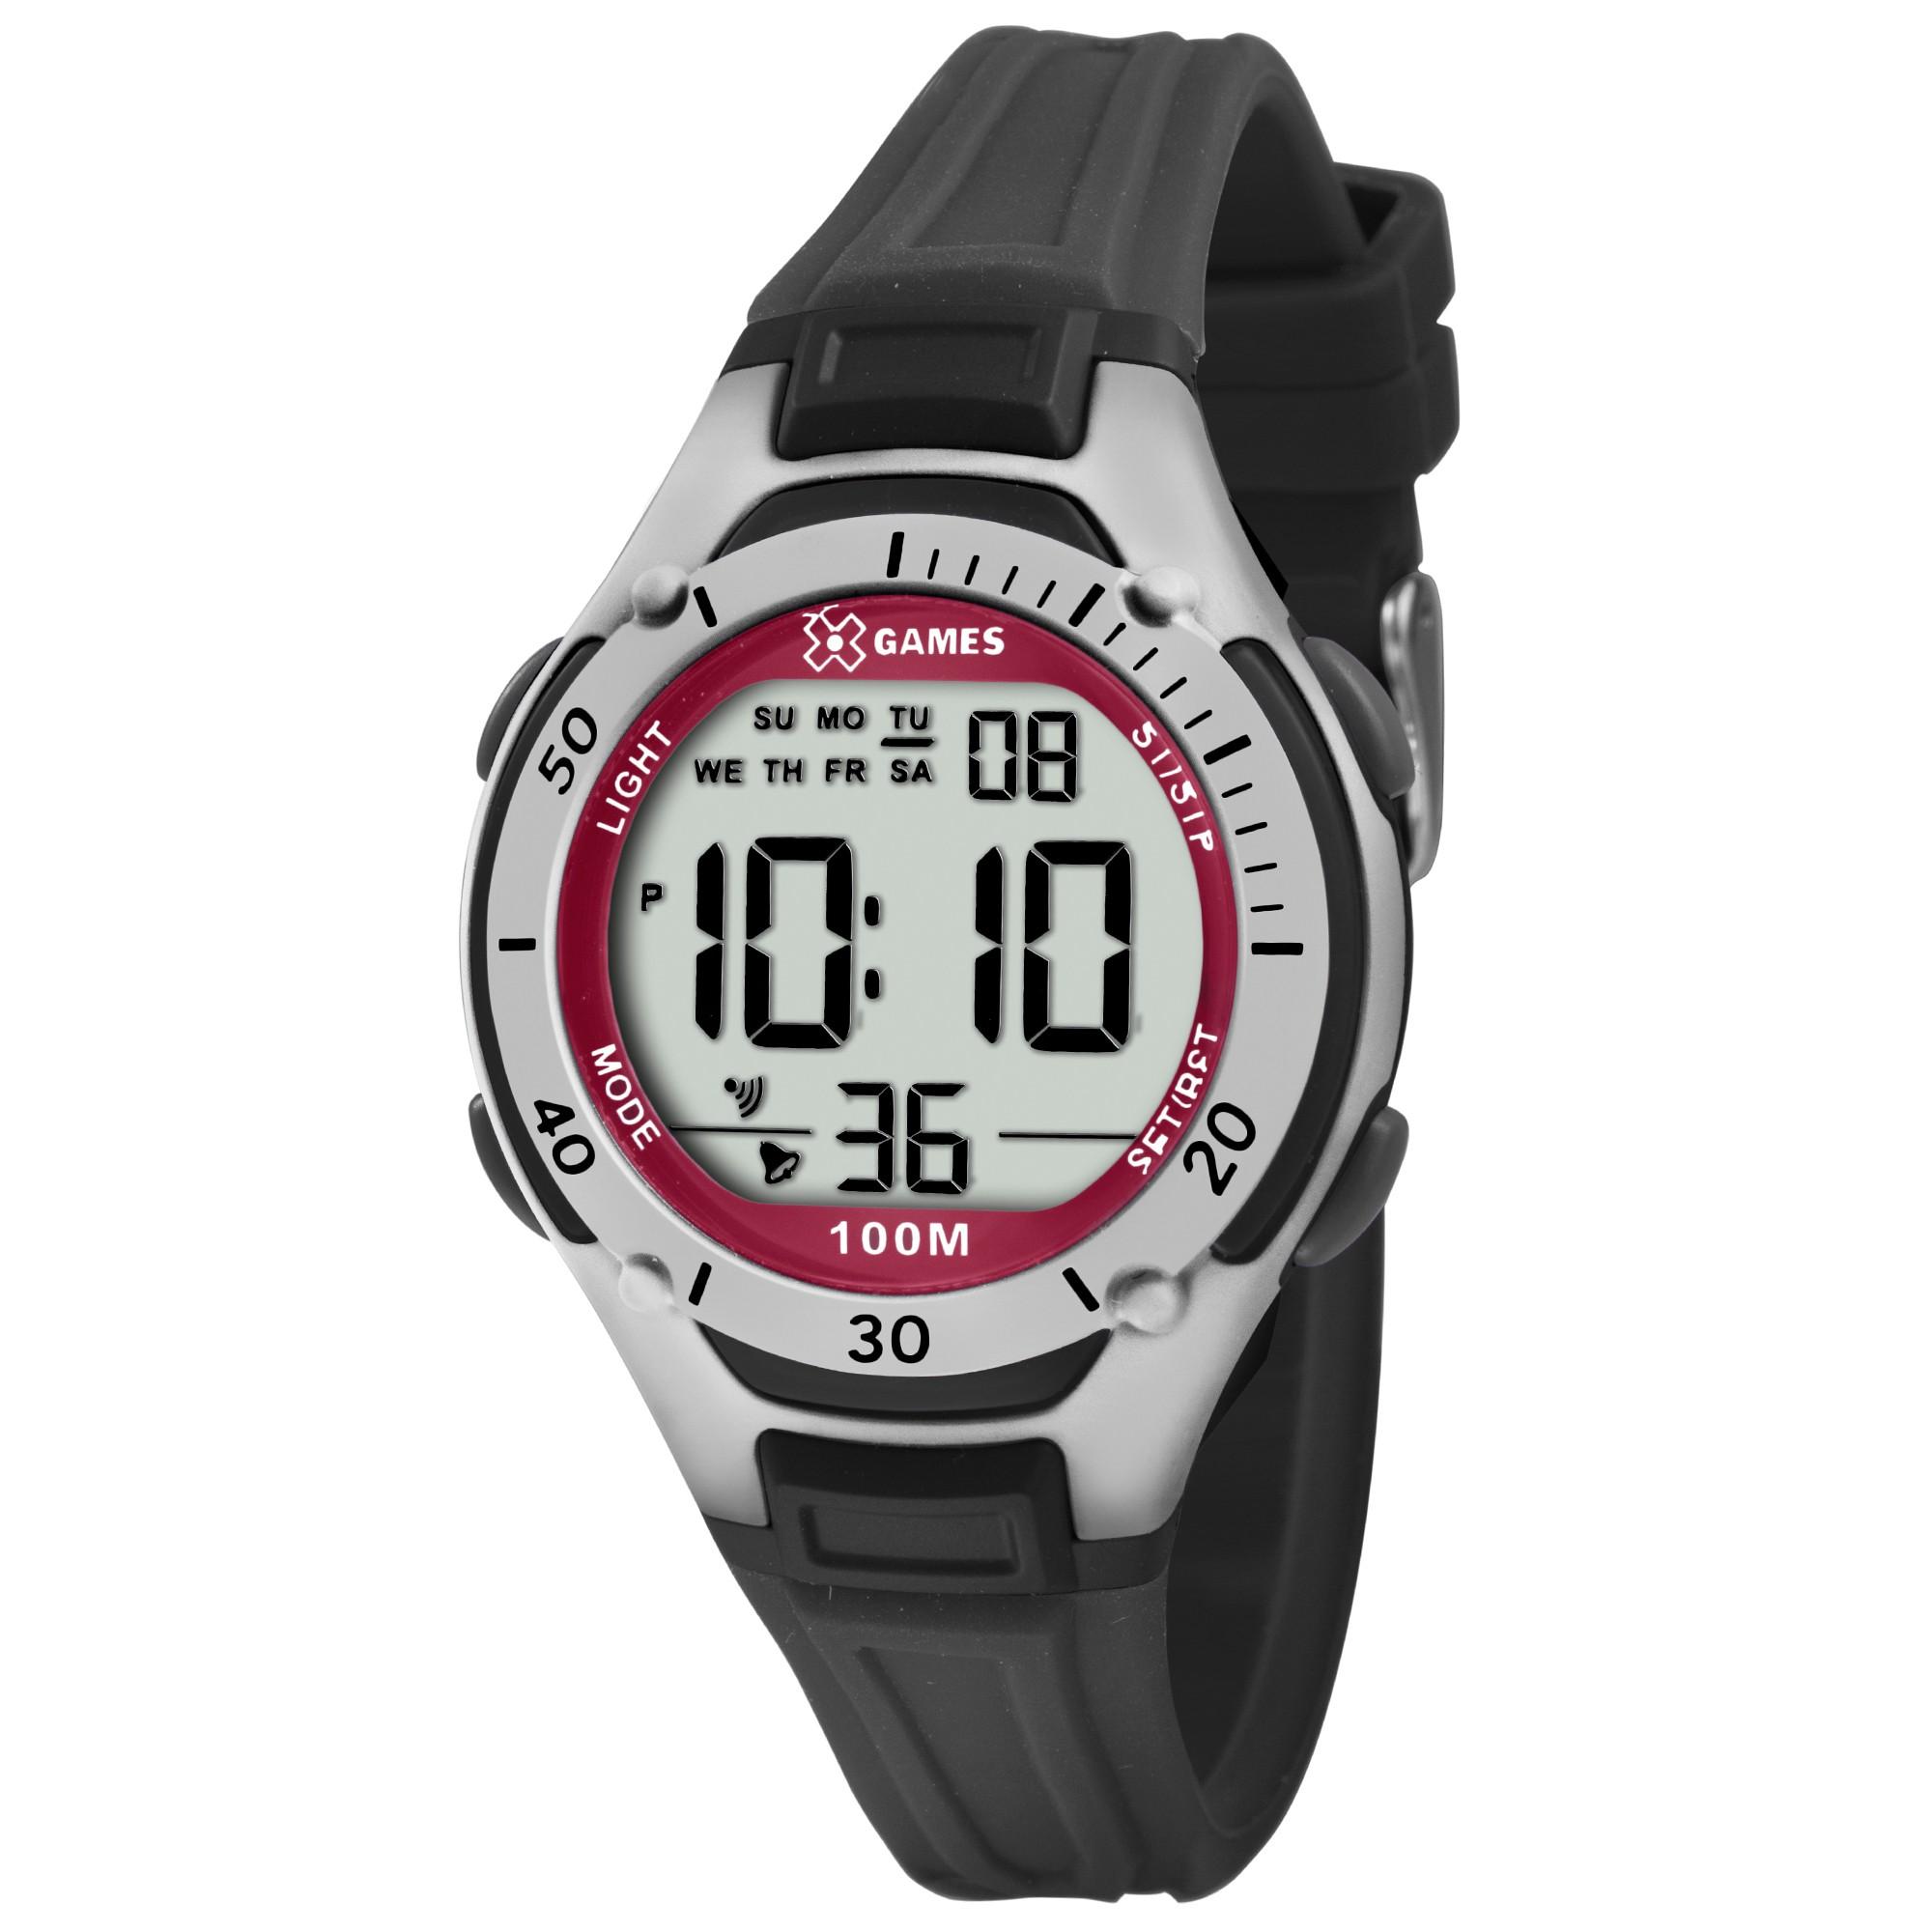 Relógio X-Games Masculino - XKPPD016 BXPX  - Dumont Online - Joias e Relógios